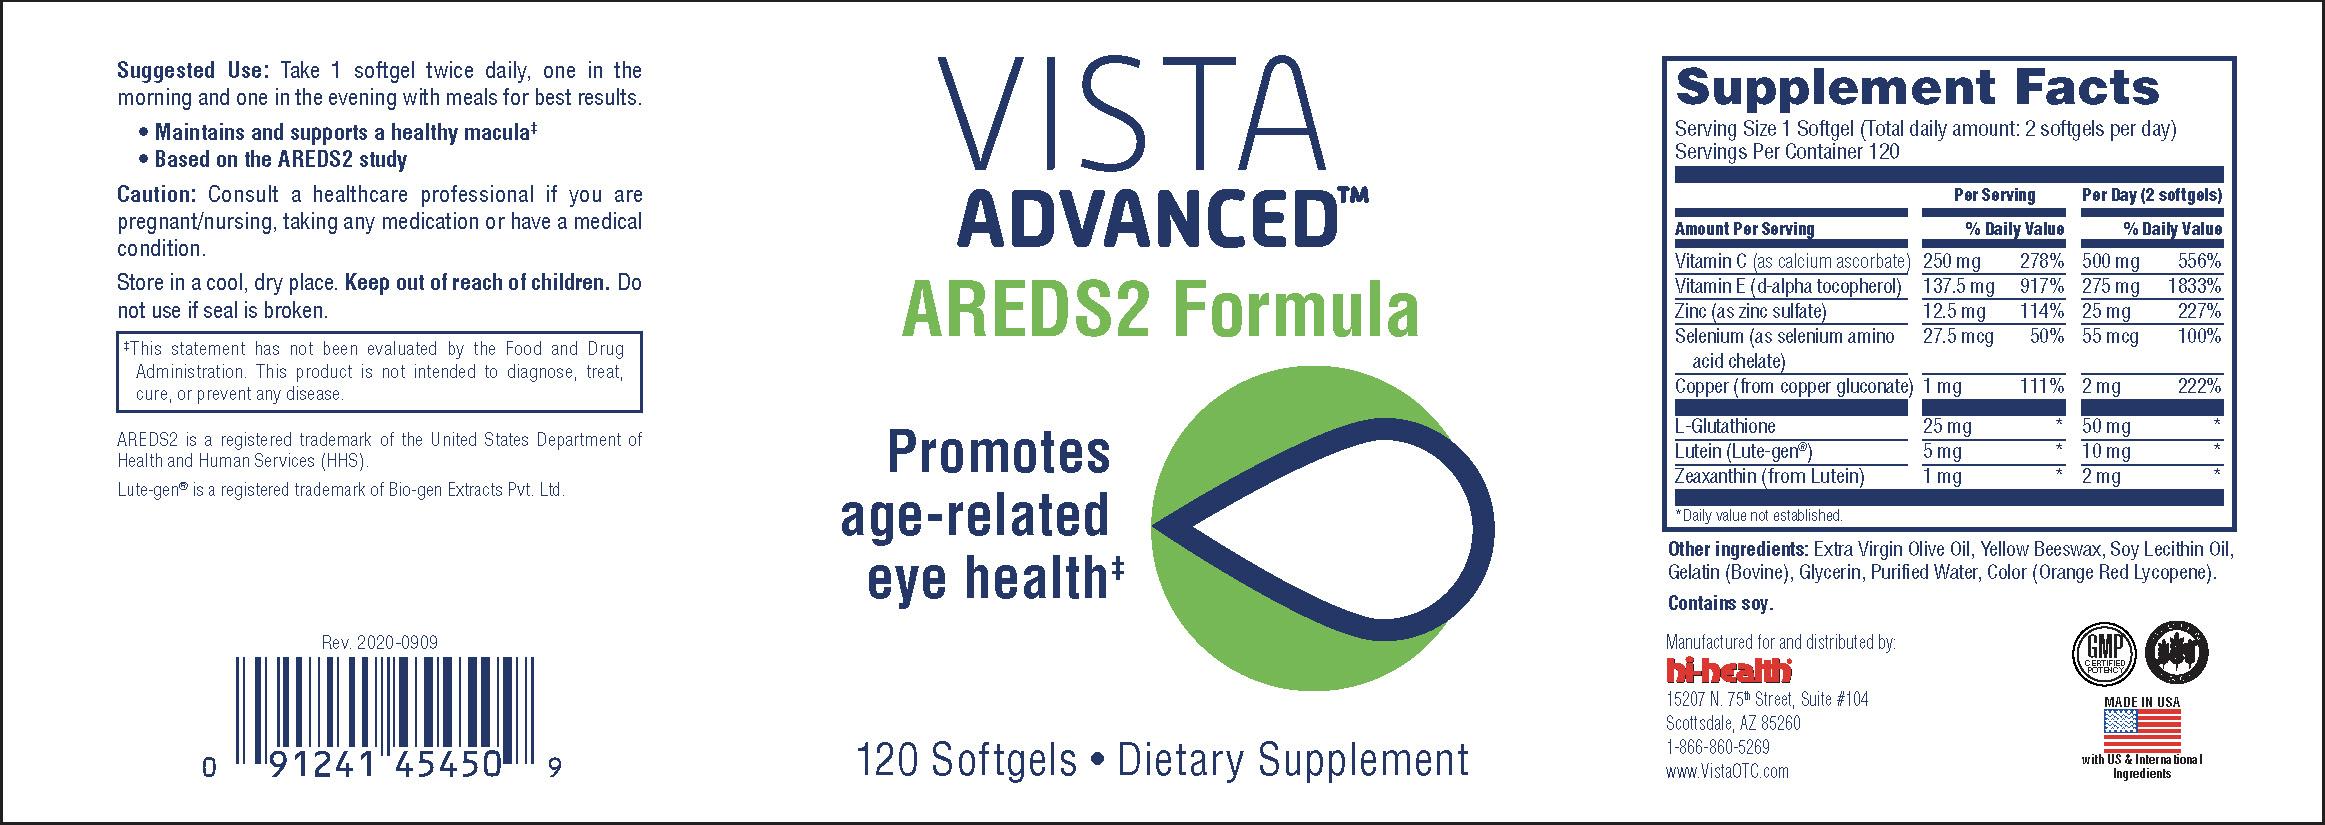 Bottle for Vista Advanced AREDS2 Formula 120 softgel